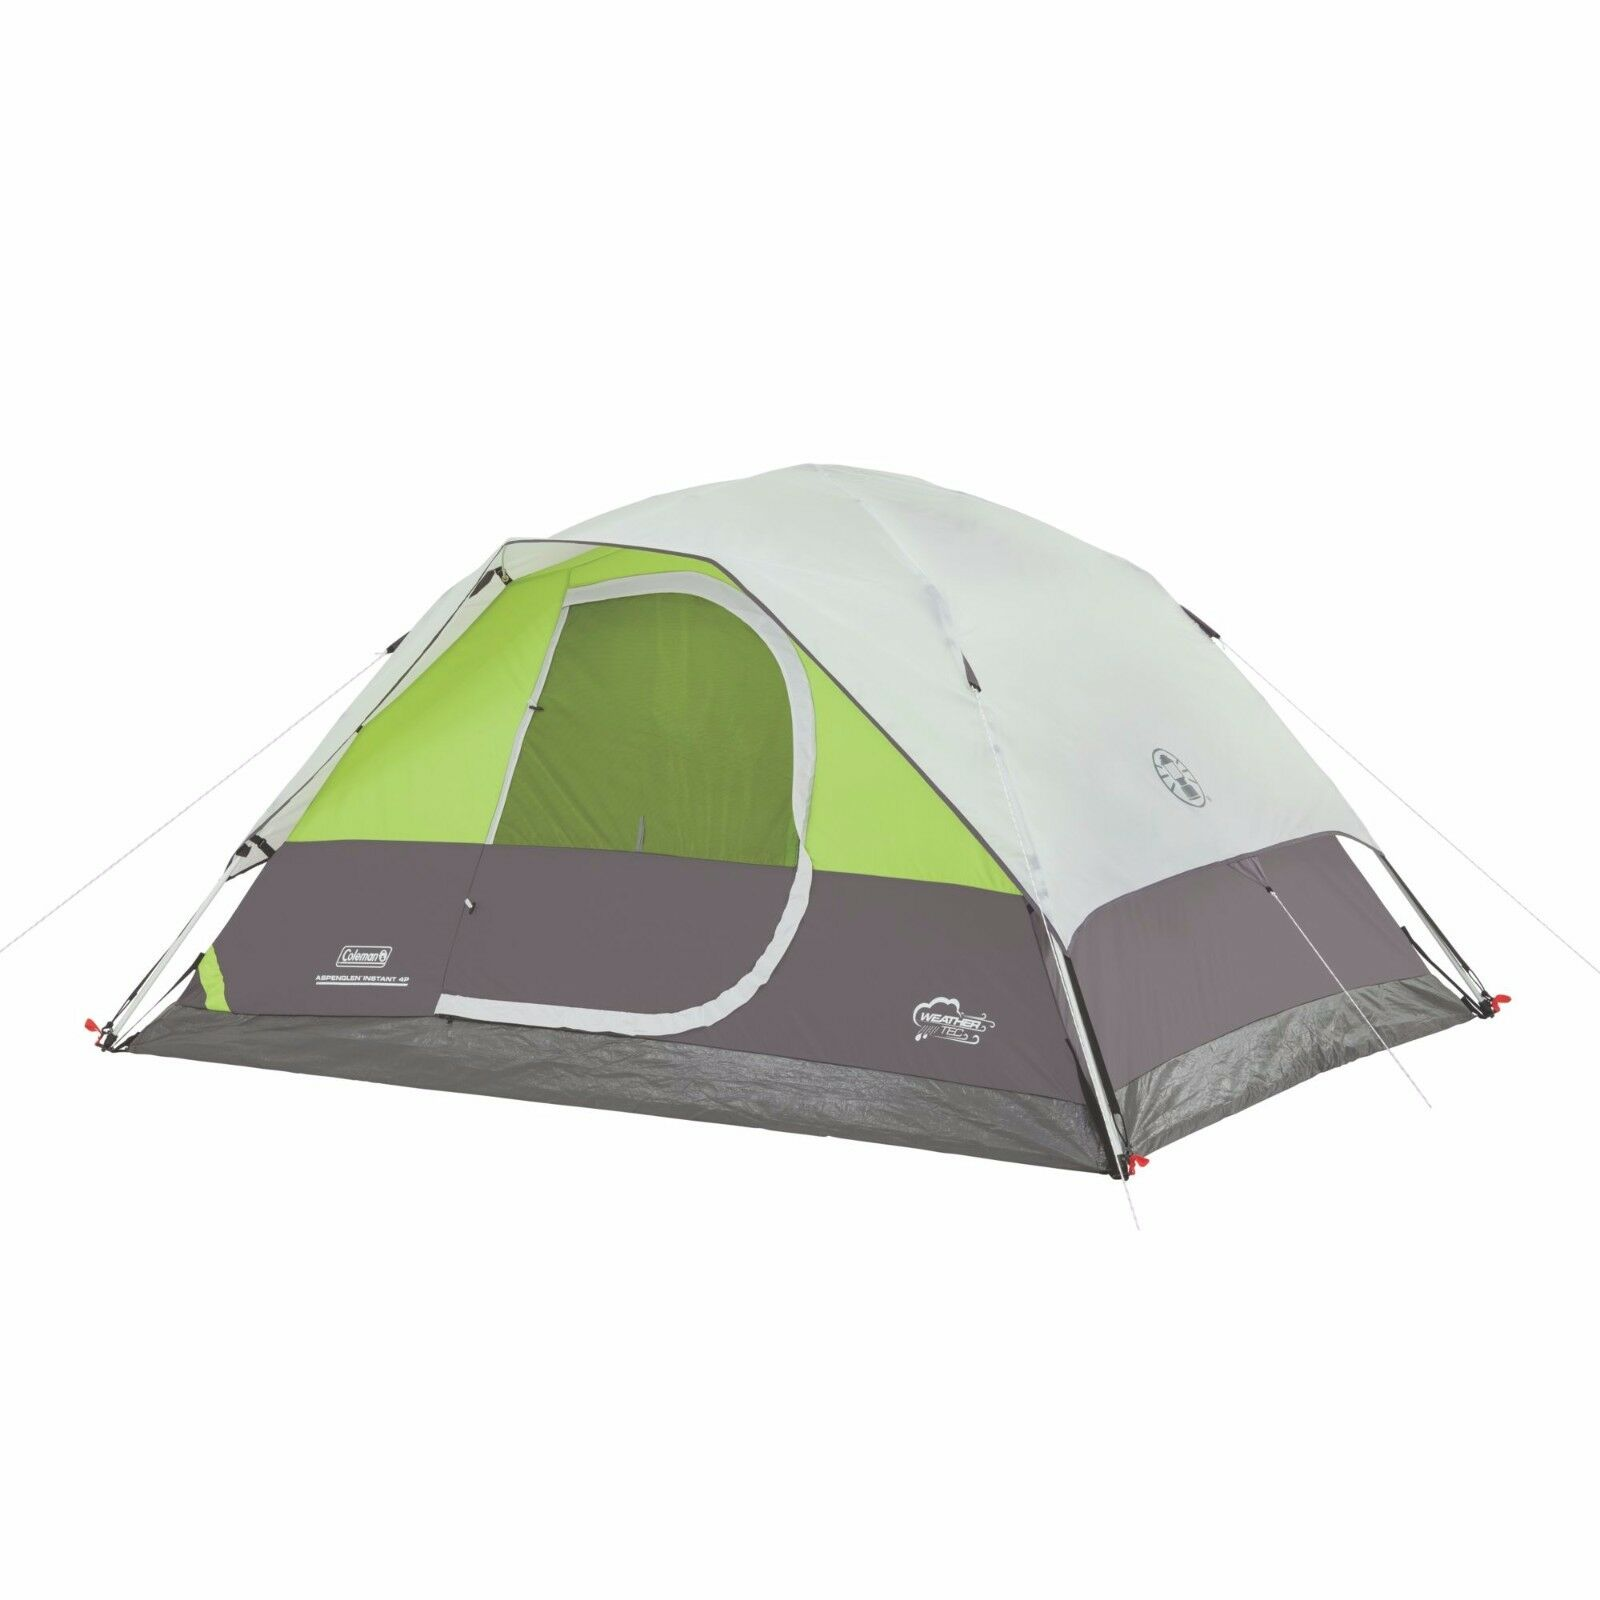 Coleman 2000018244 Aspenglen 4 Person Instant Tent